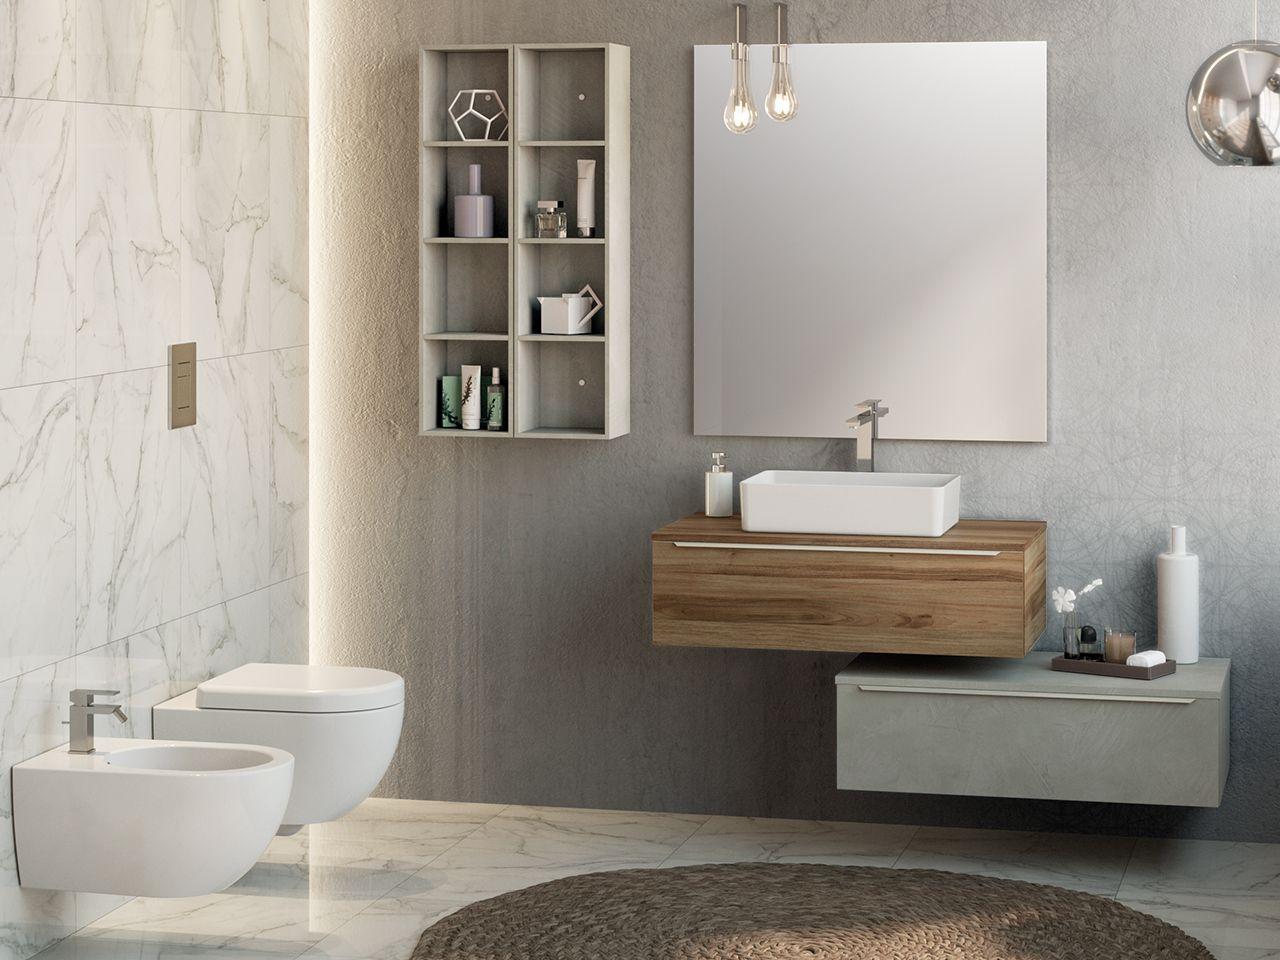 Mobile bagno trendy 90 cm noce con toppino per lavabo